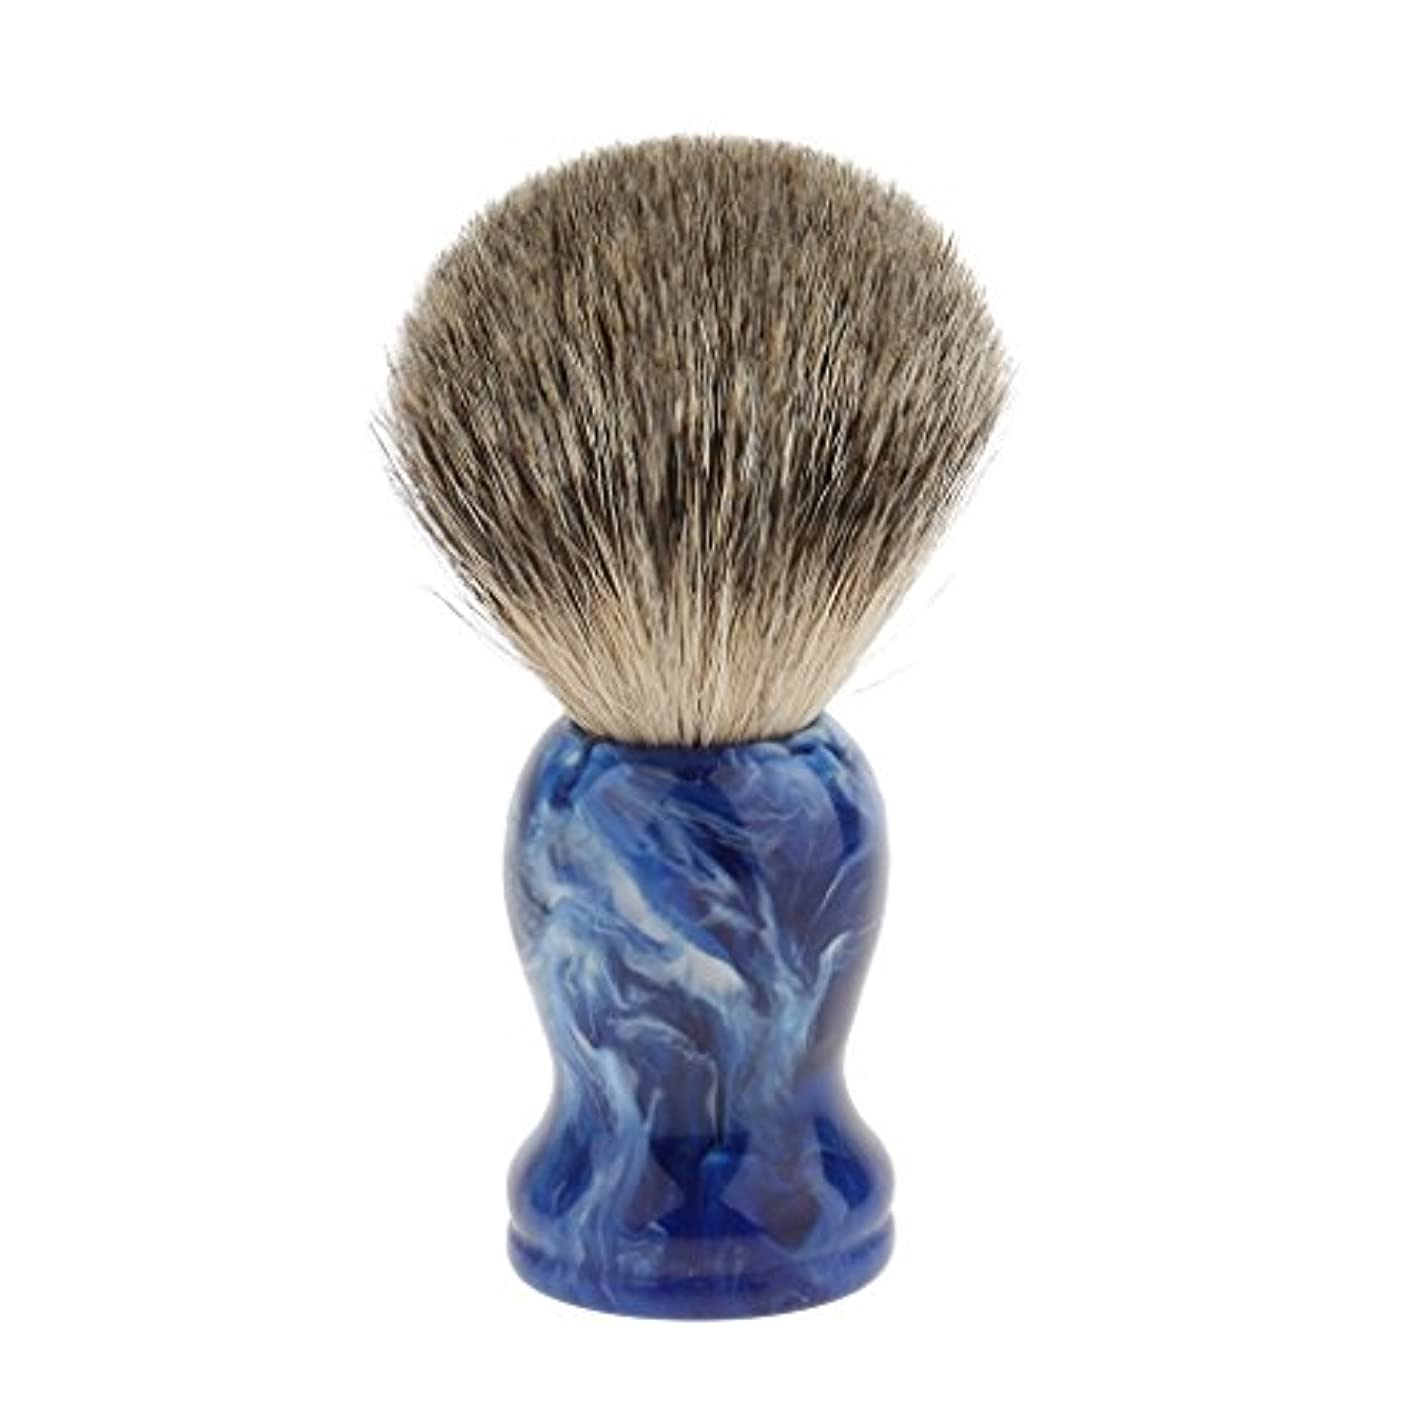 回る締め切りルーキーシェービングブラシ ひげブラシ 理容 洗顔 髭剃り 泡立ち 樹脂ハンドル 高密度 ブラシヘッド